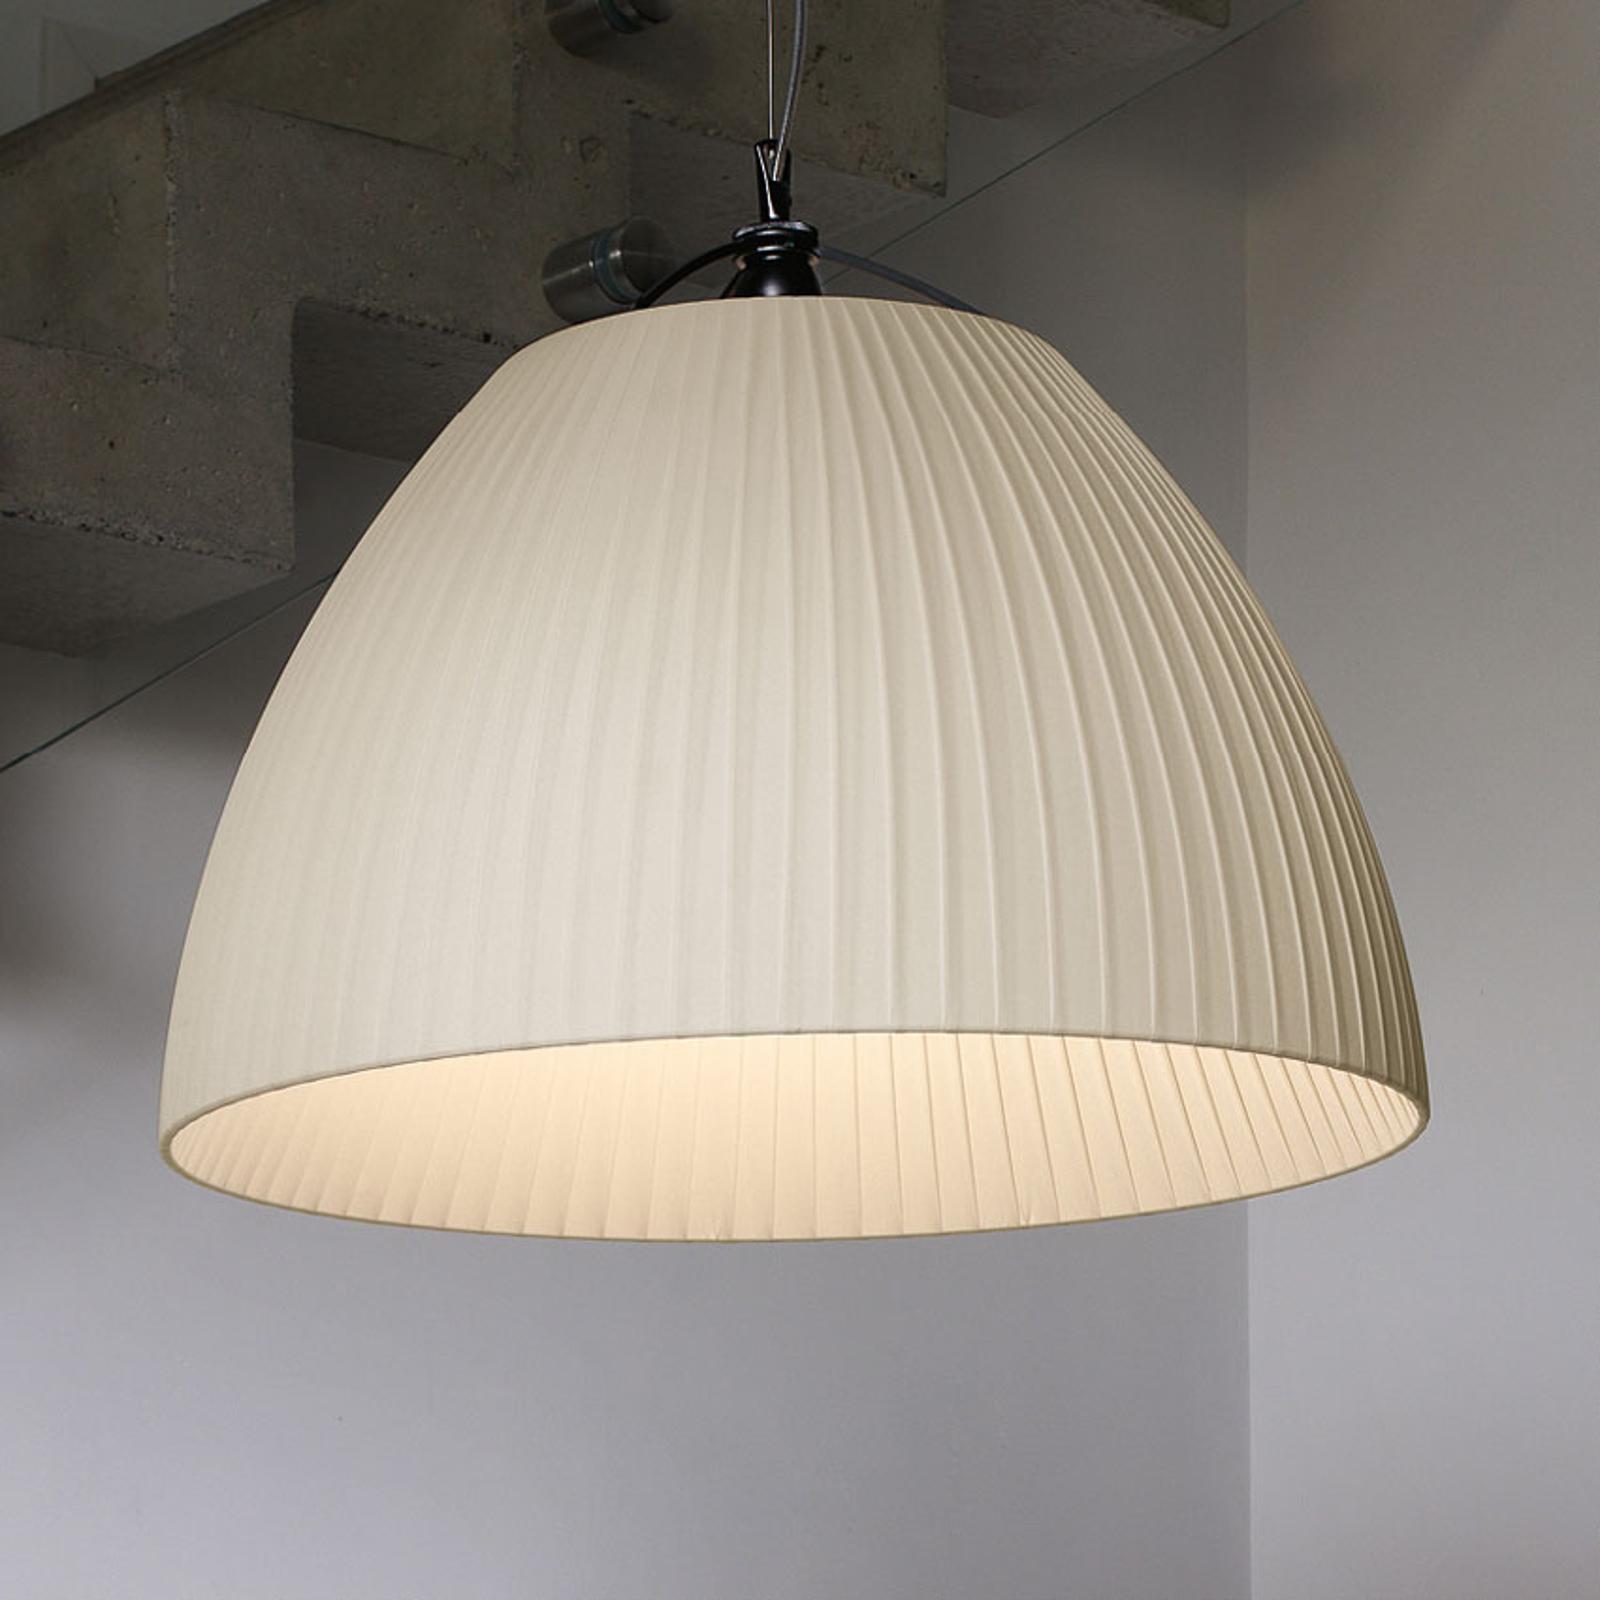 Modo Luce Olivia lampa wisząca Ø60cm kość słoniowa